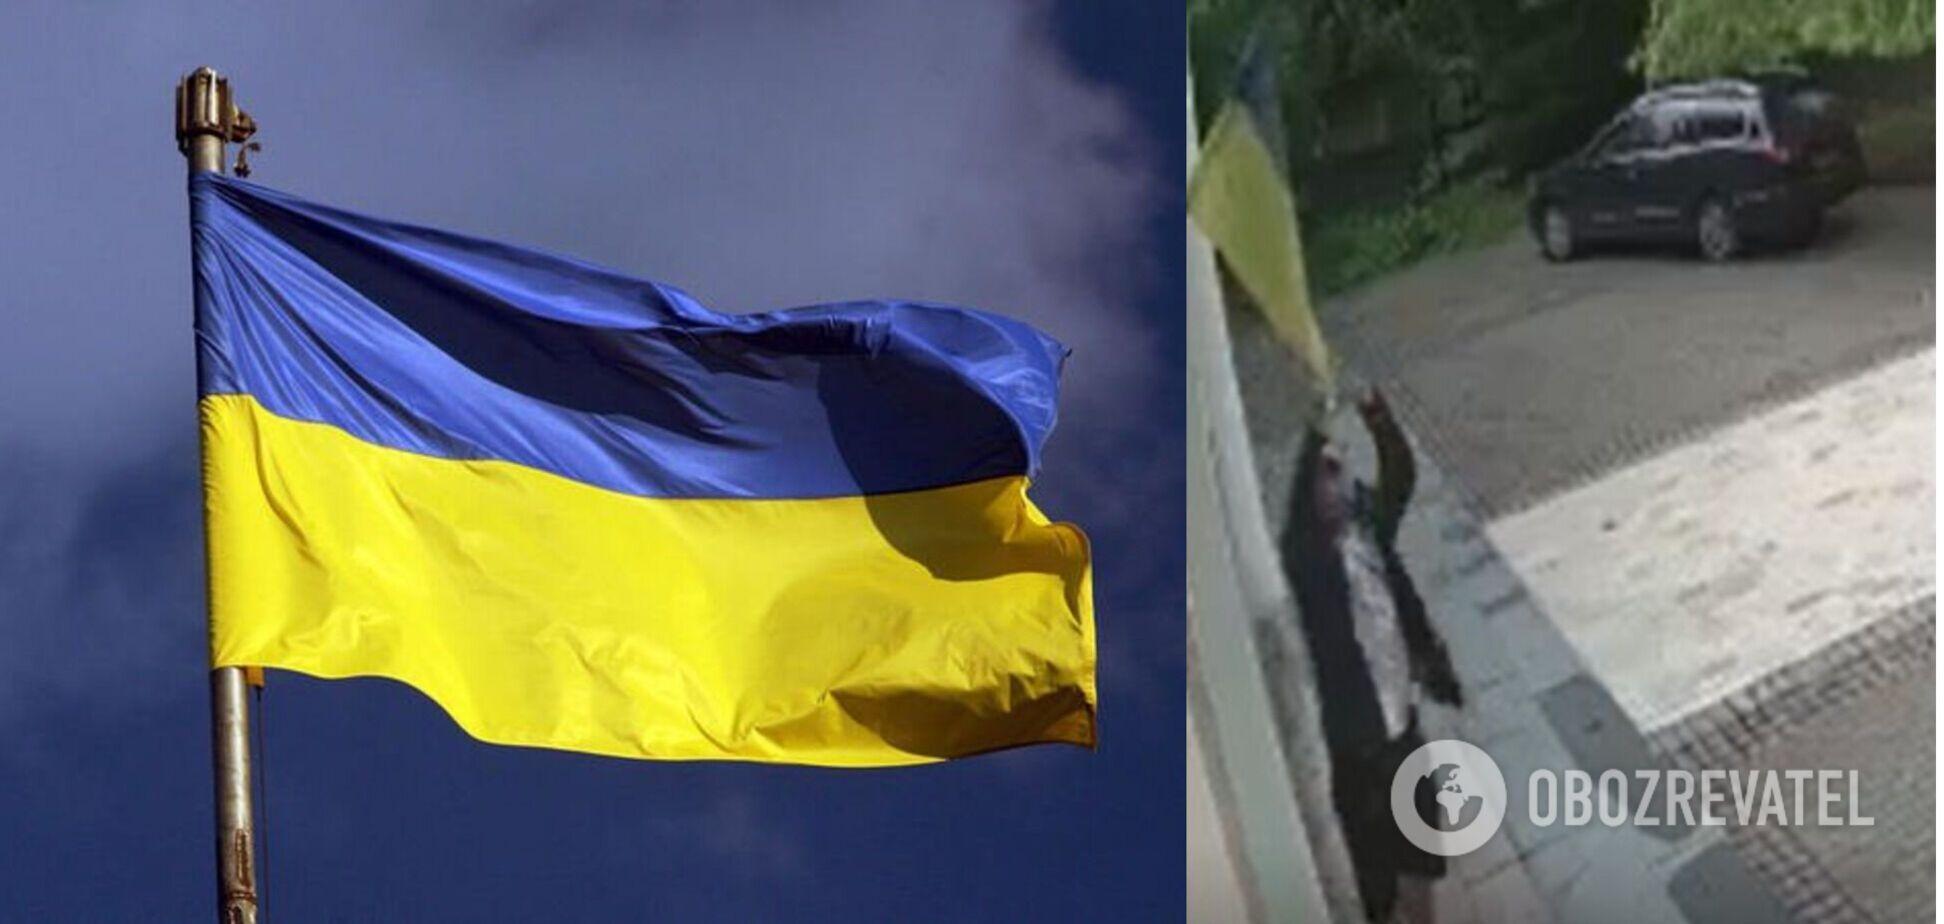 У Києві чоловік поглумився над прапором України. Відео